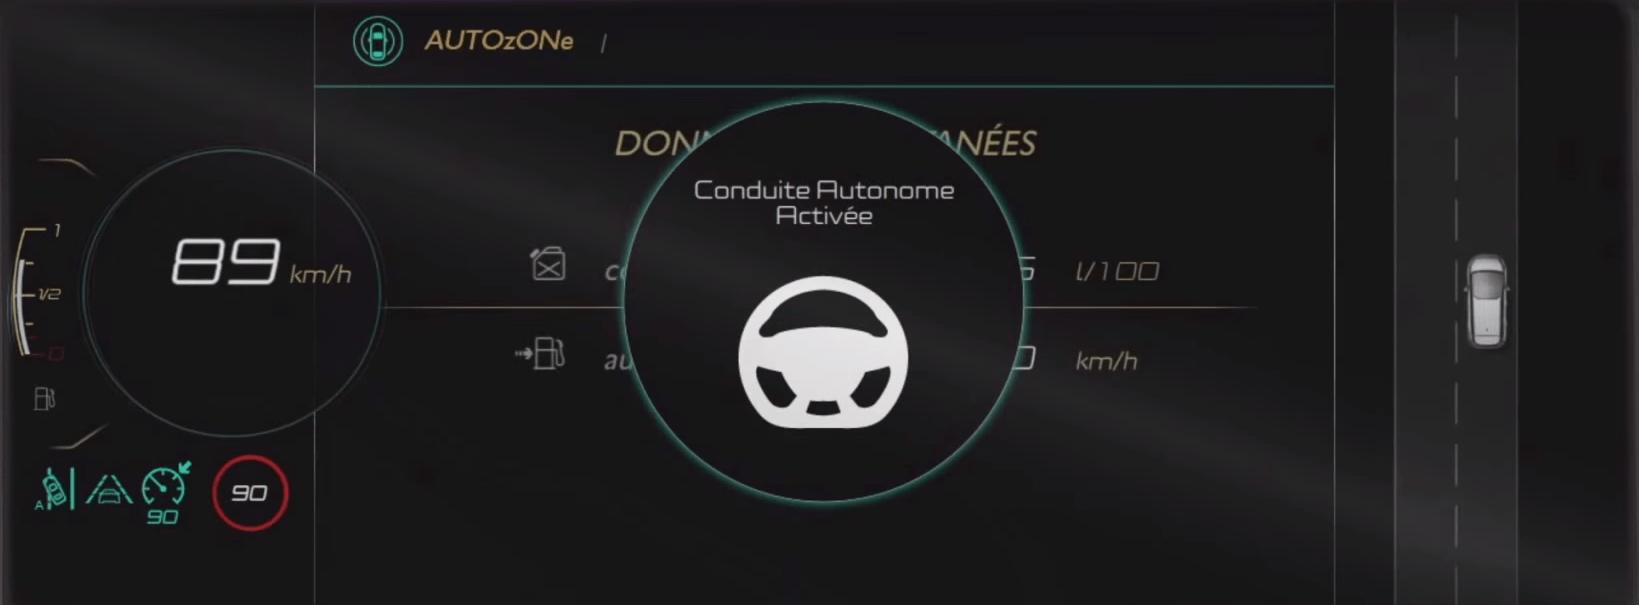 Les voitures autonomes s'apprêtent à prendre la route en France